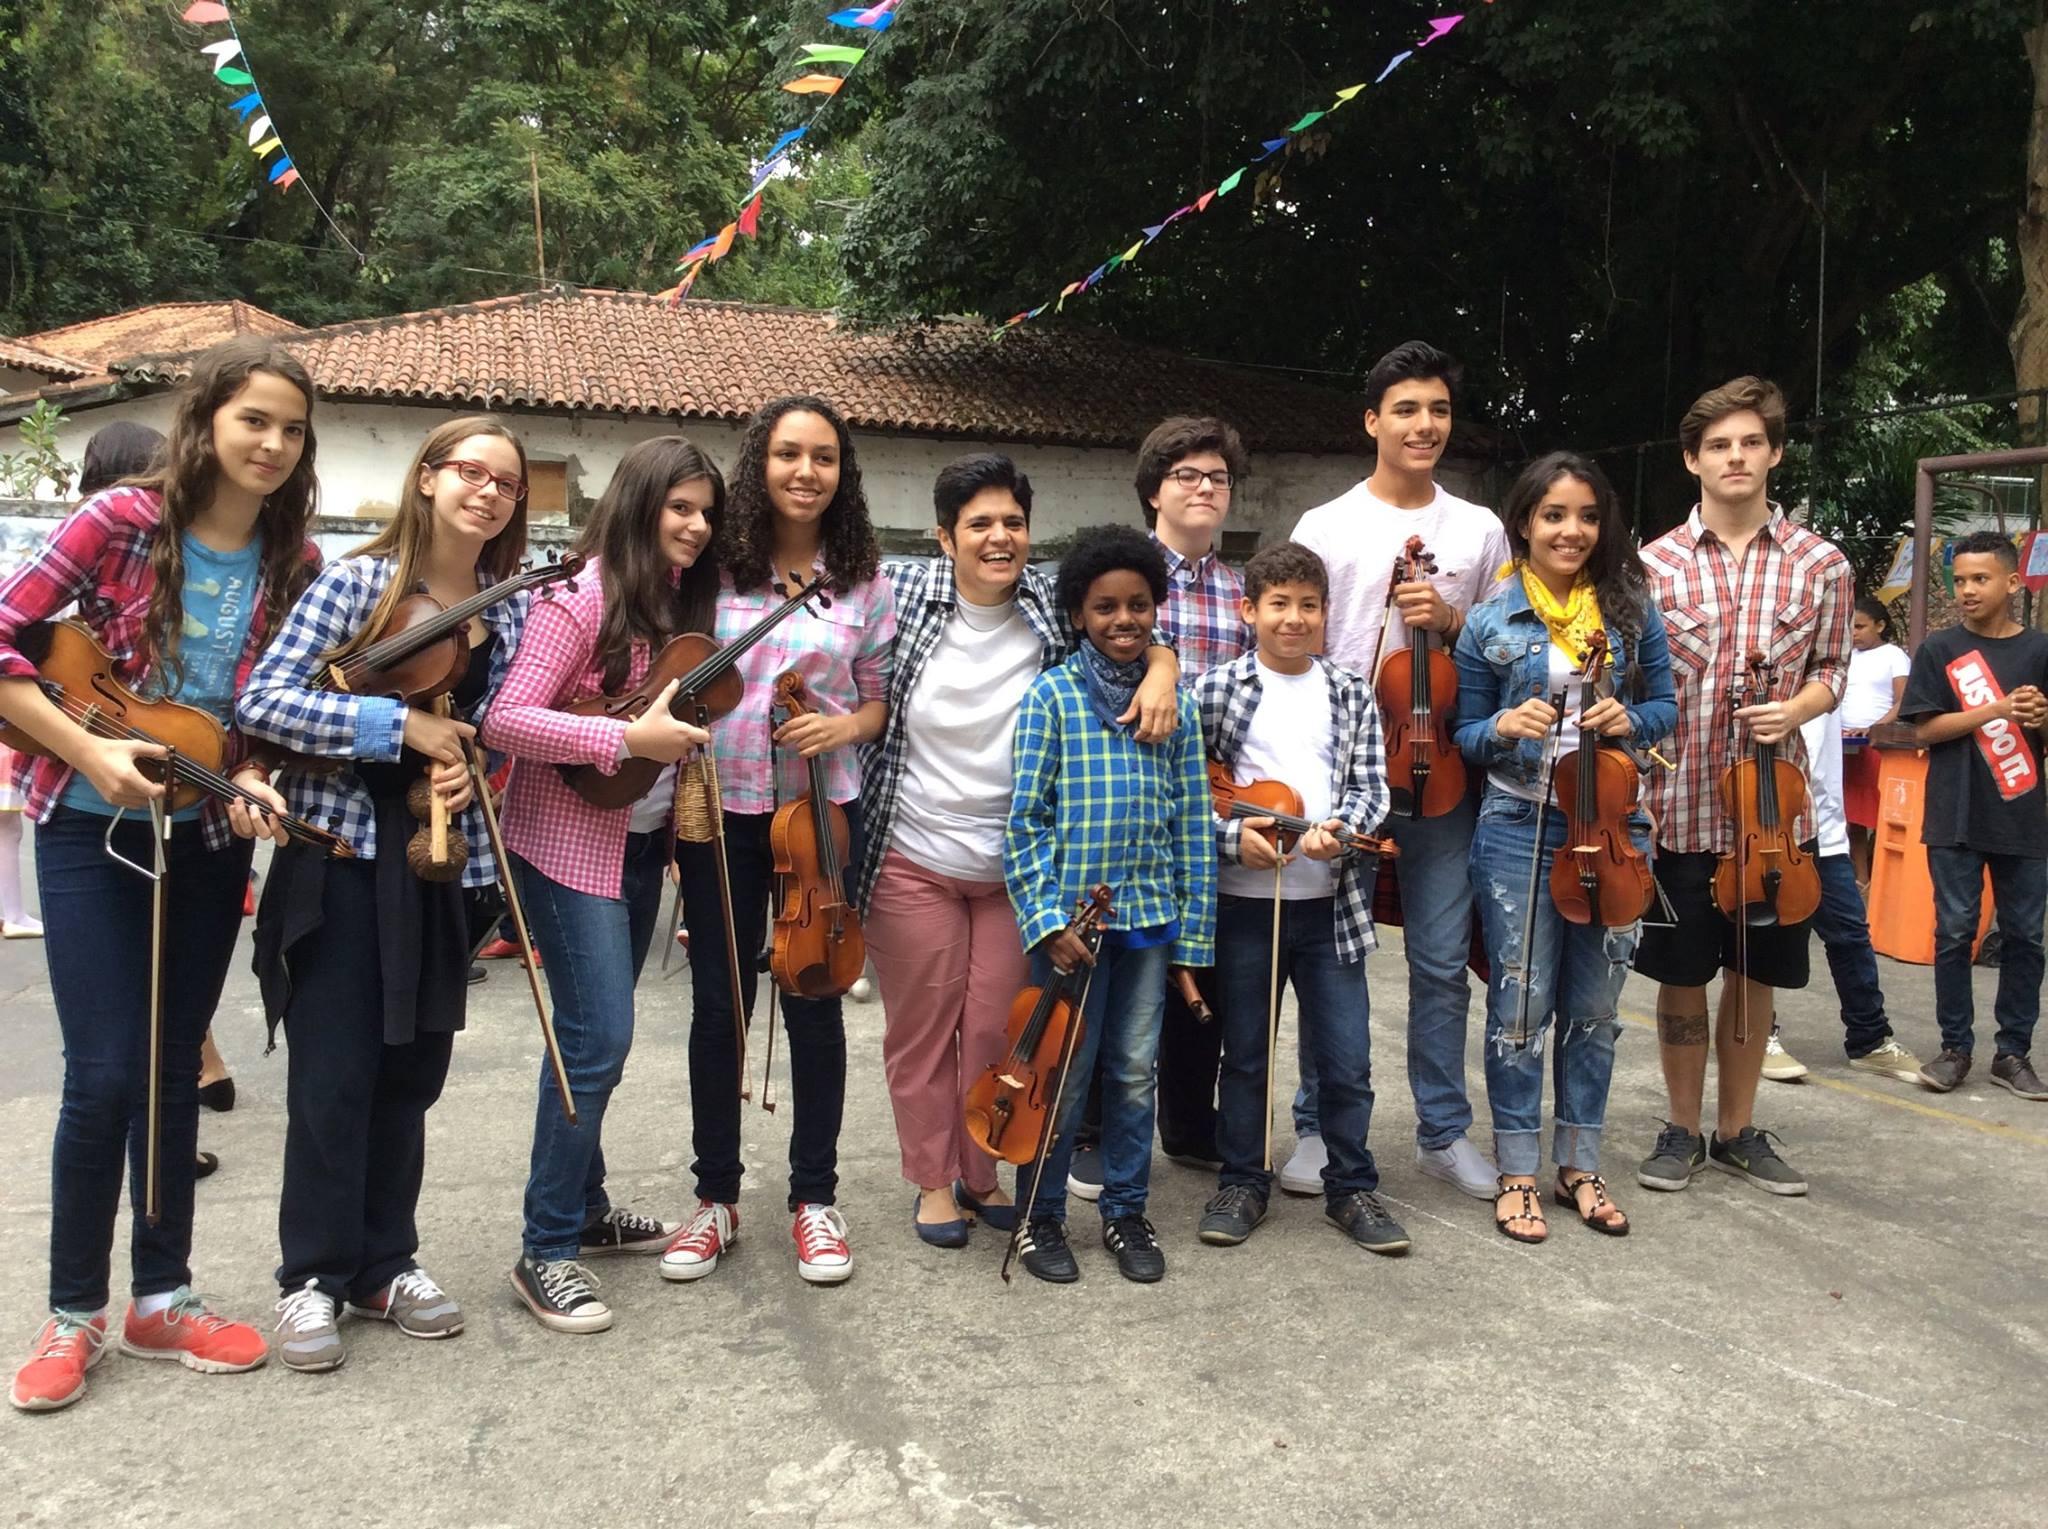 Projeto Que Ensina Crianças A Tocar Violino Gratuitamente É Lançado No Rio De Janeiro